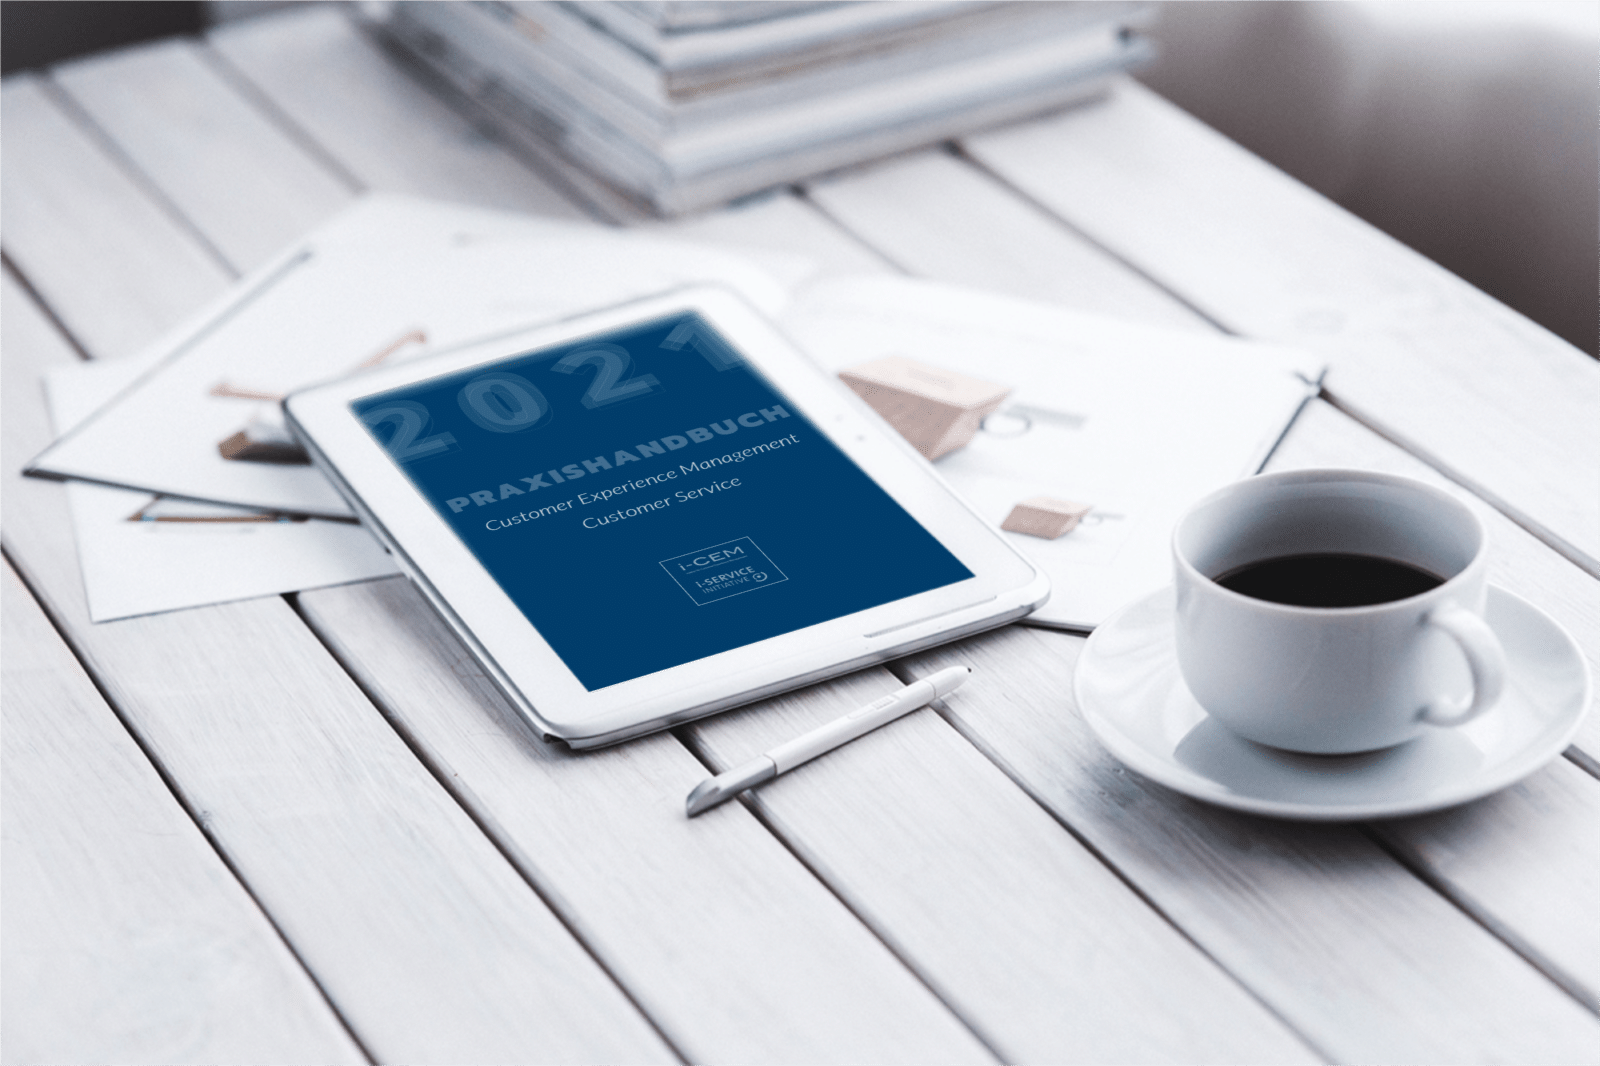 Praxishandbuch 2021 – Jetzt als Download!